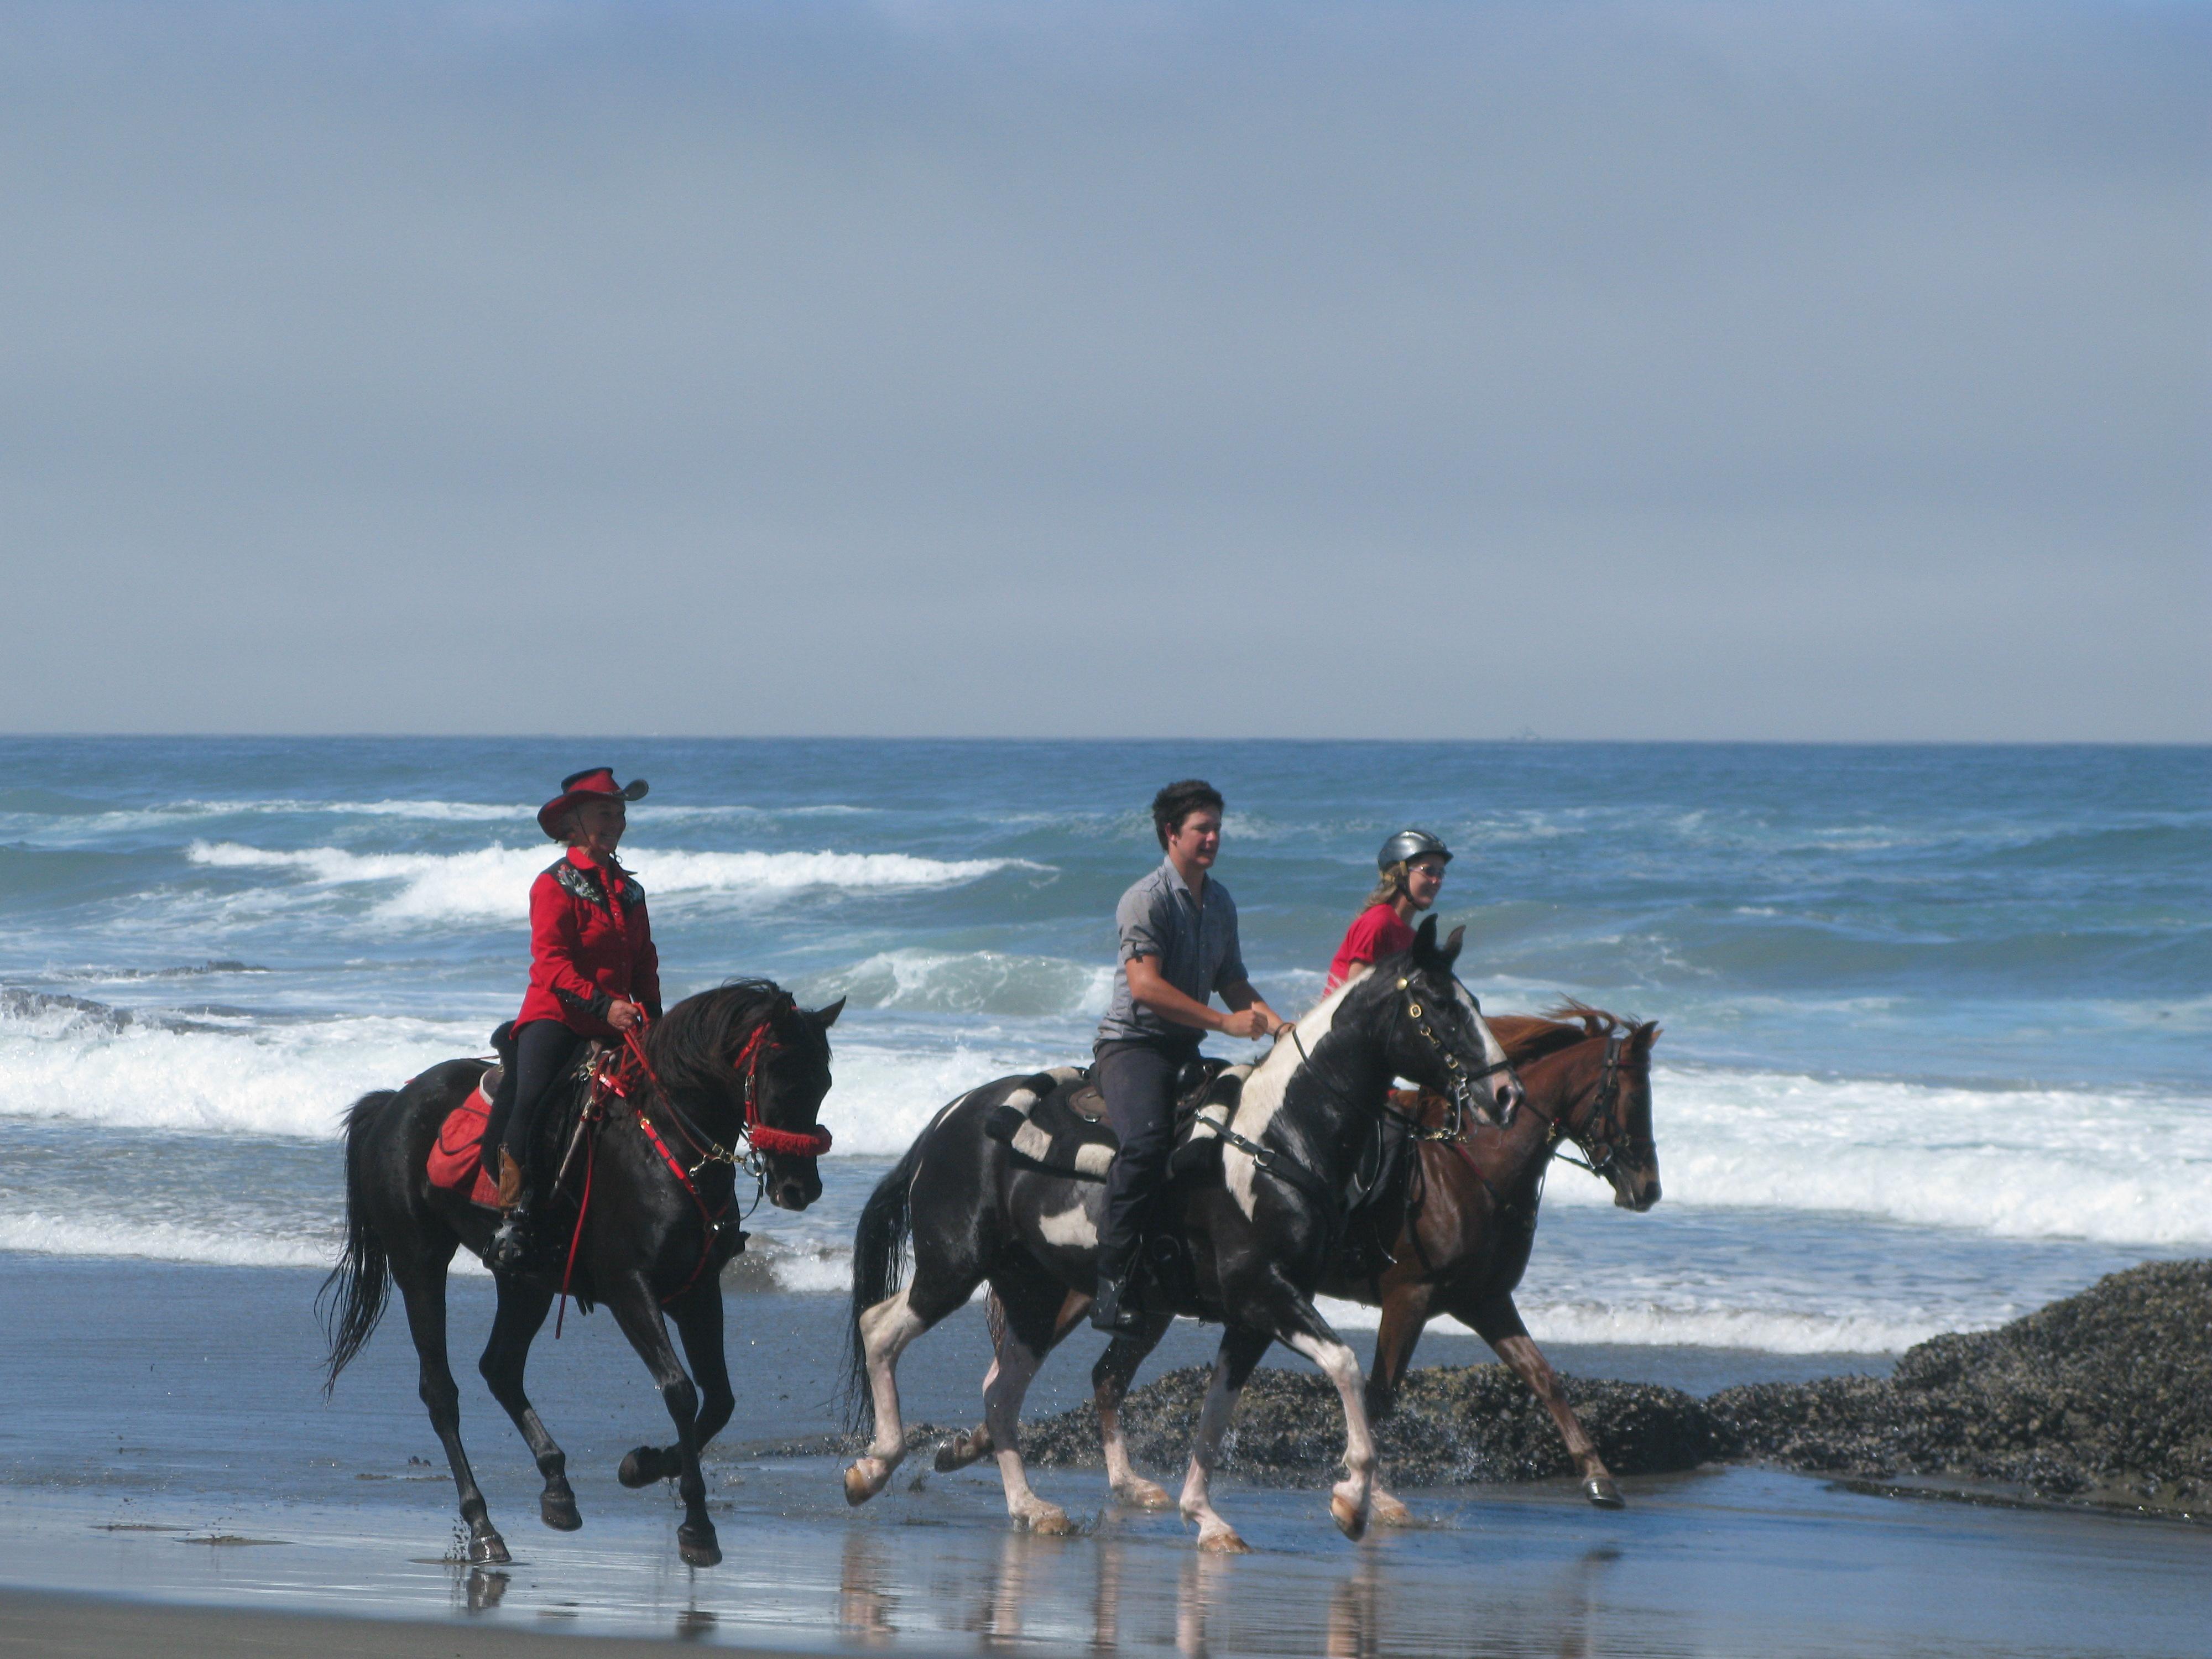 beach riding in california